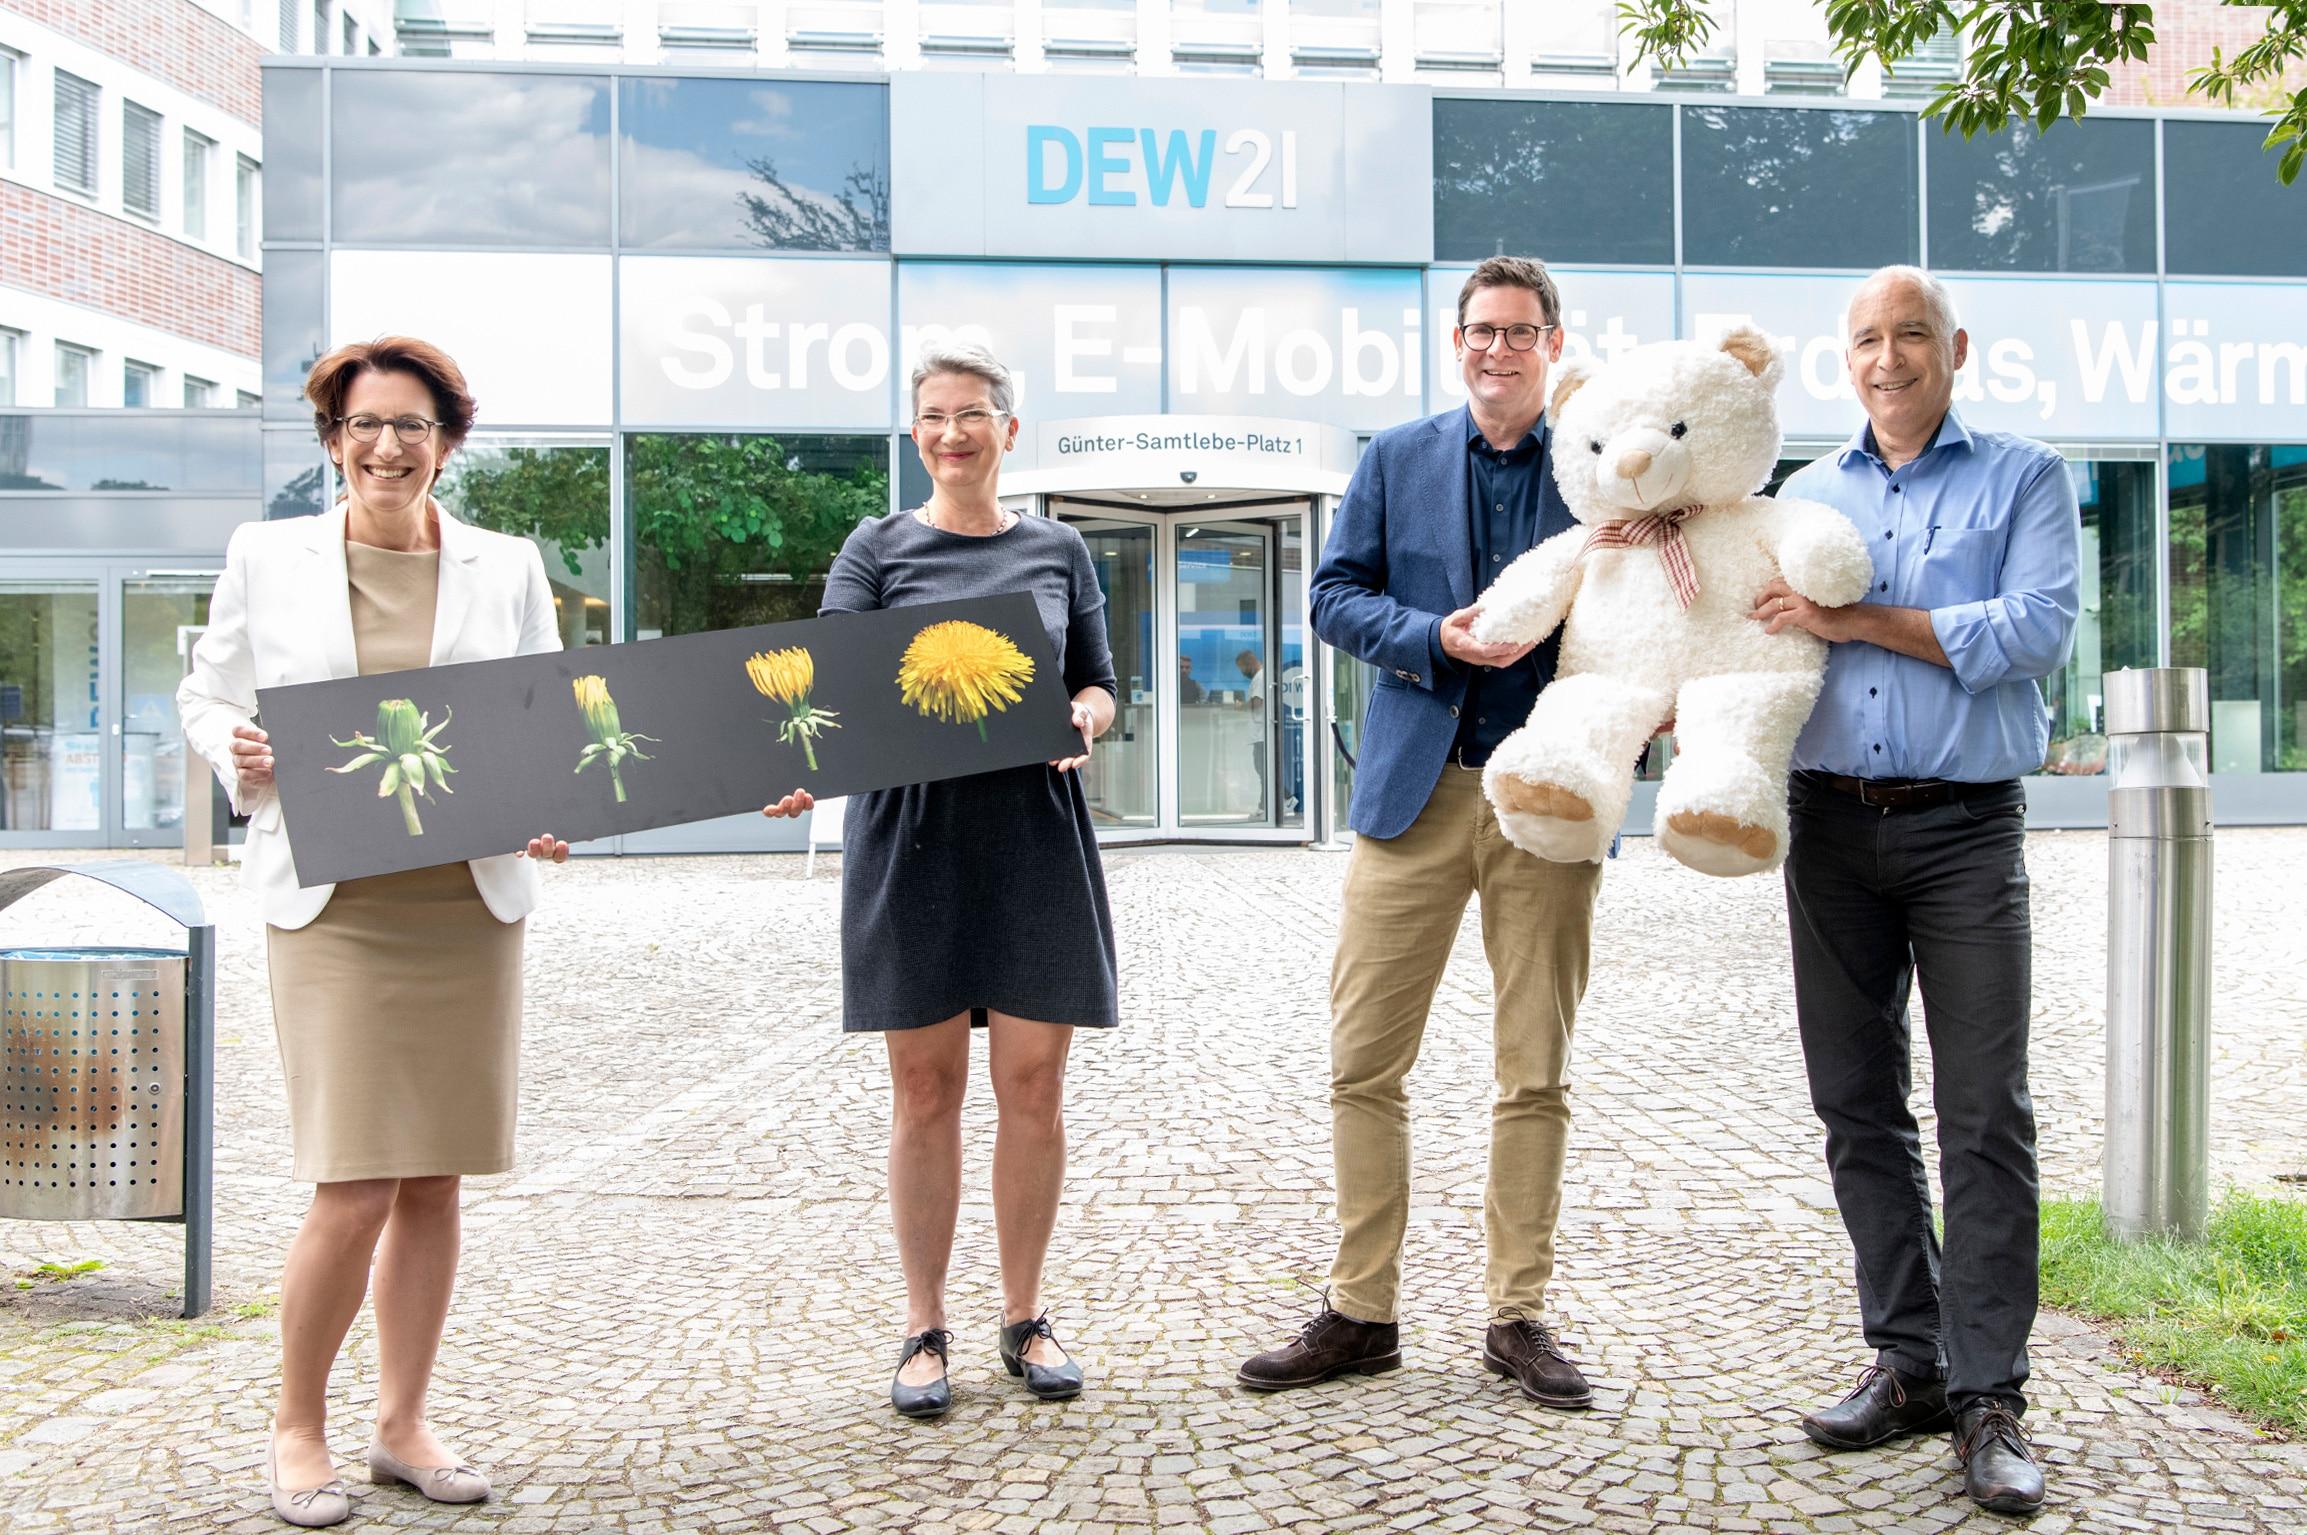 Heike Heim, Vorsitzende der DEW21 Geschäftsführung (l.) und Dominik Gertenbach, Leiter Vertrieb DEW21 (2.v.r.) trafen sich mit Beate Schwedler und Thorsten Haase, beide Vorsitzende des Trägervereins des Ambulanten Kinder- und Jugendhospizdienstes Löwenzahn. (Foto: Frauke Schumann)